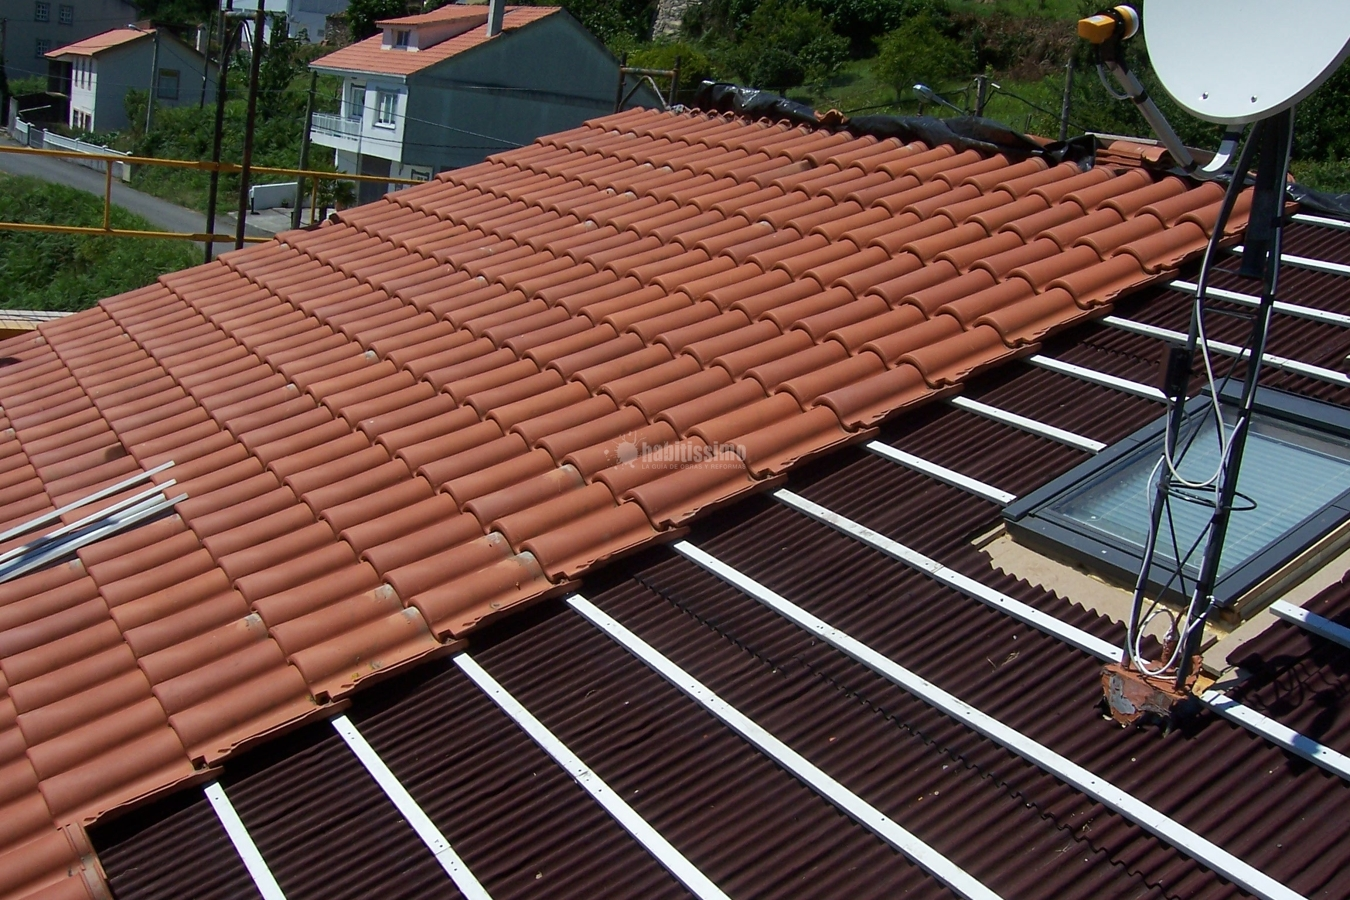 Tejado onduline y teja ideas reformas viviendas for Tejado madera onduline